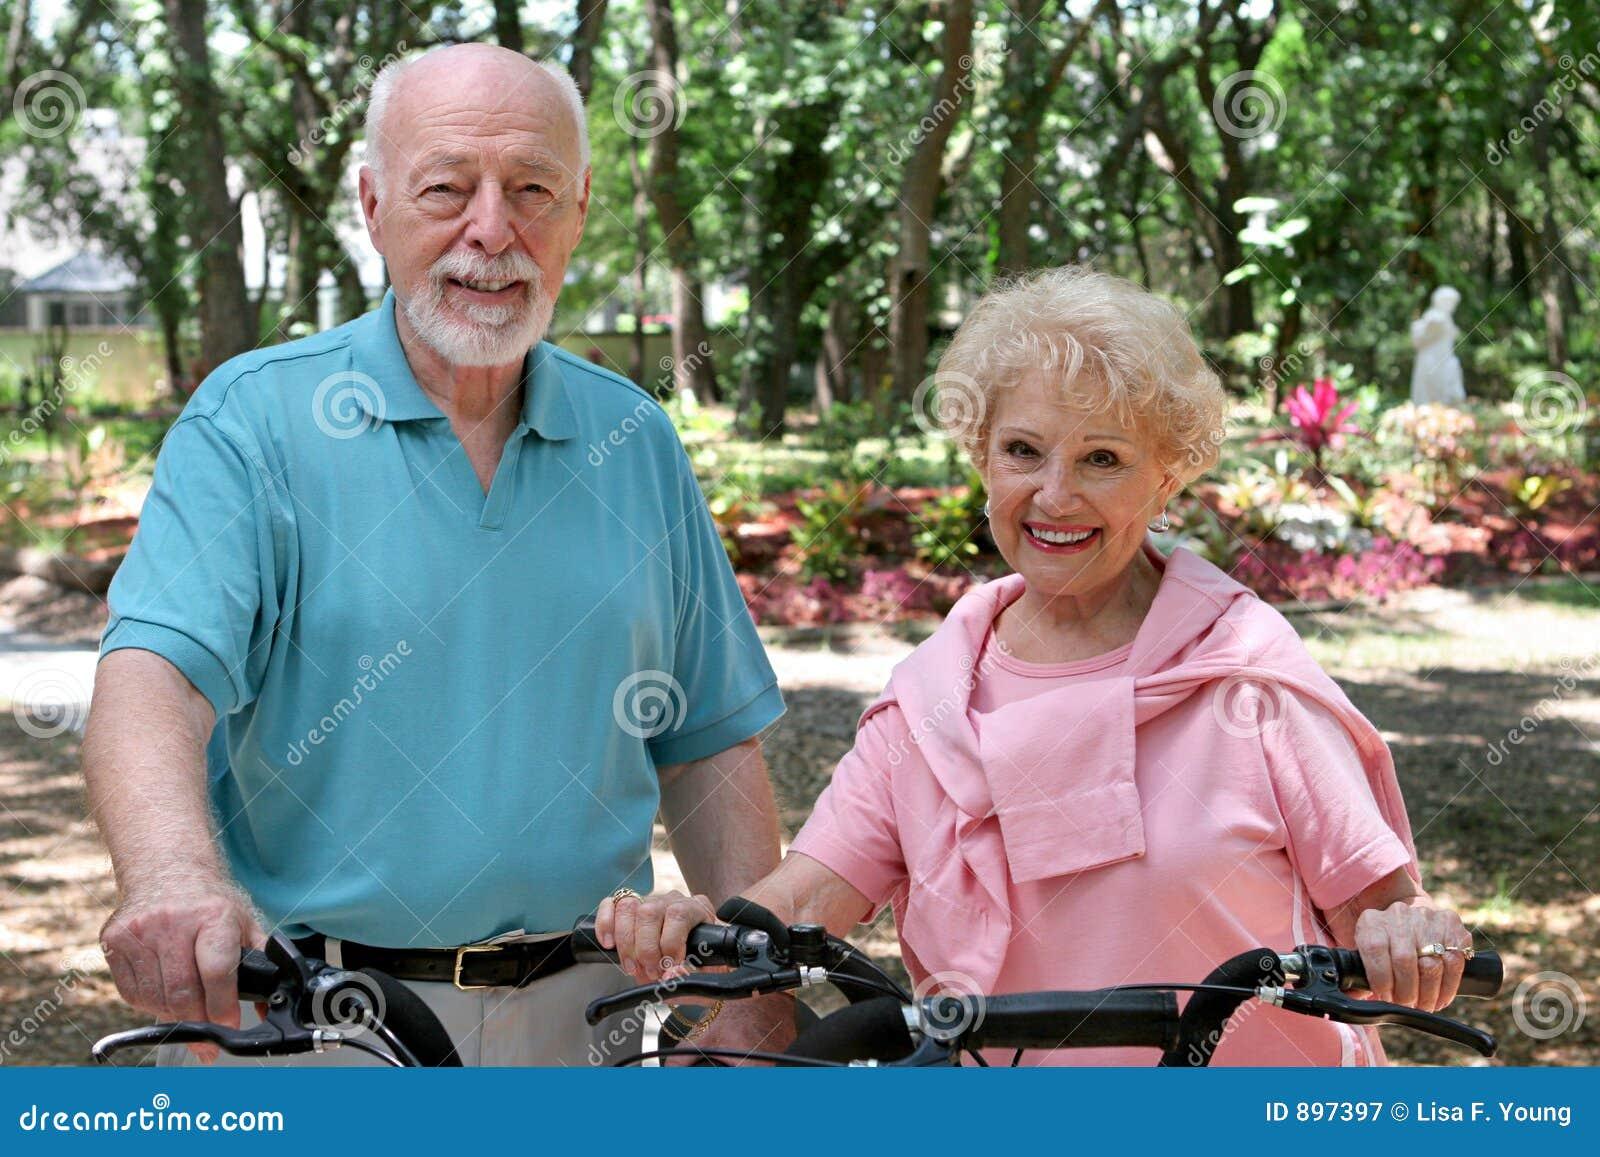 高级有效的骑自行车的人